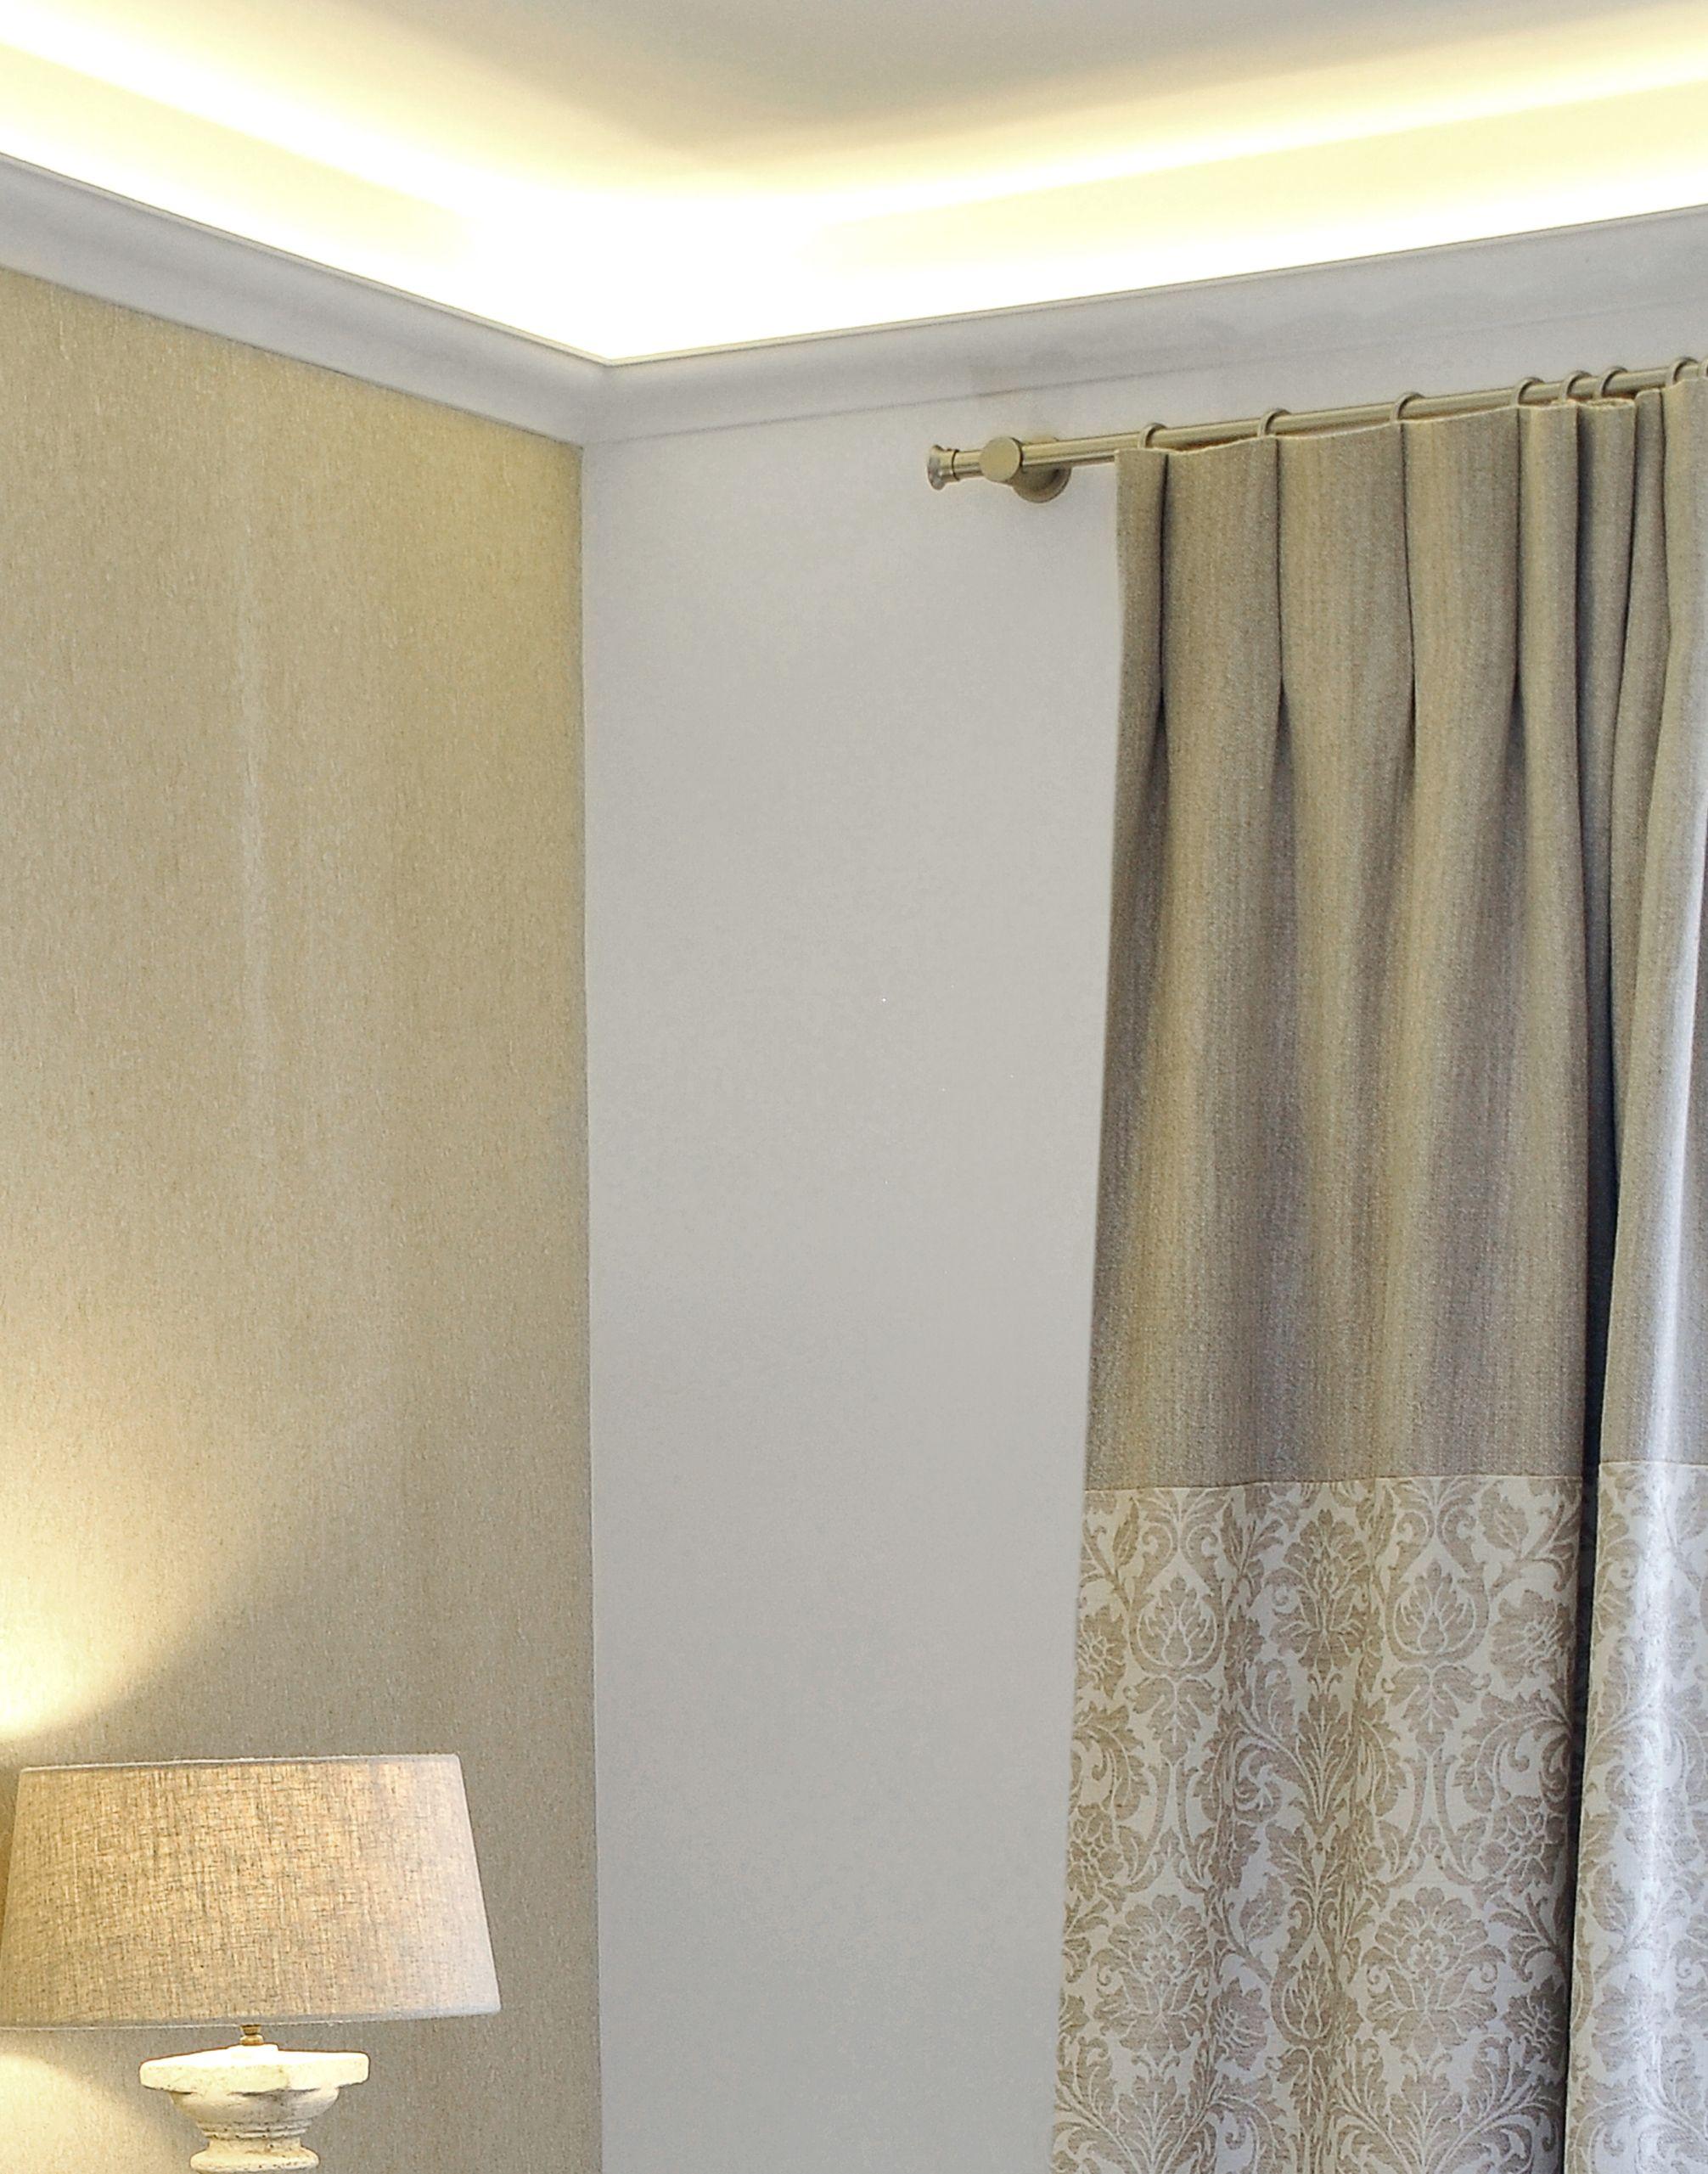 classique et sobre une barre en nickel bross avec ses anneaux pour des rideaux en double. Black Bedroom Furniture Sets. Home Design Ideas